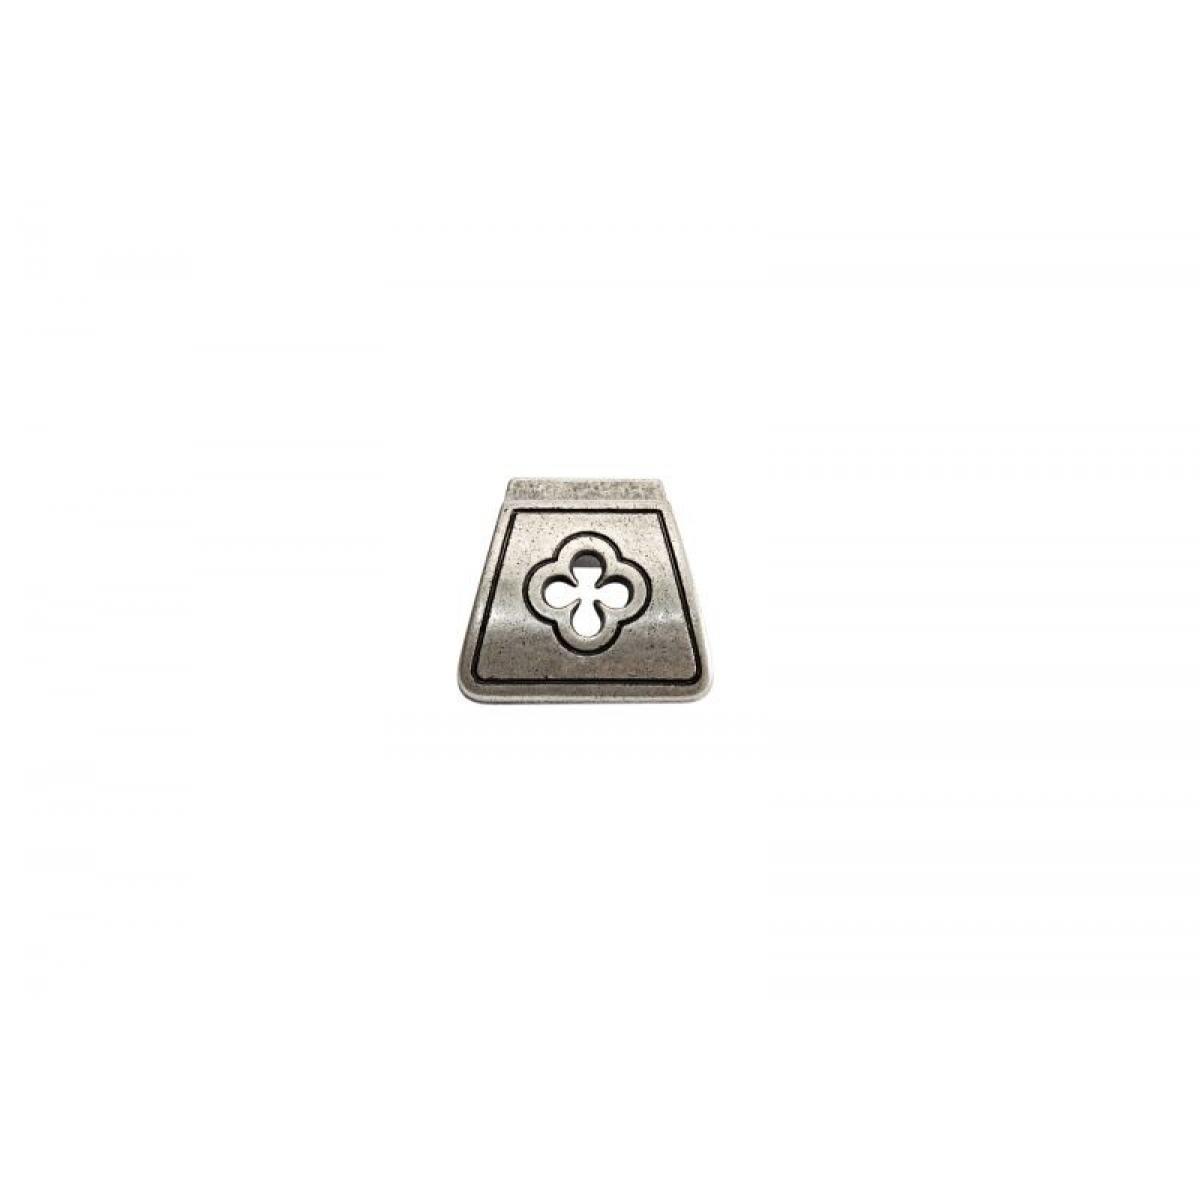 ручка 135400033, покрытие состаренный металл 33